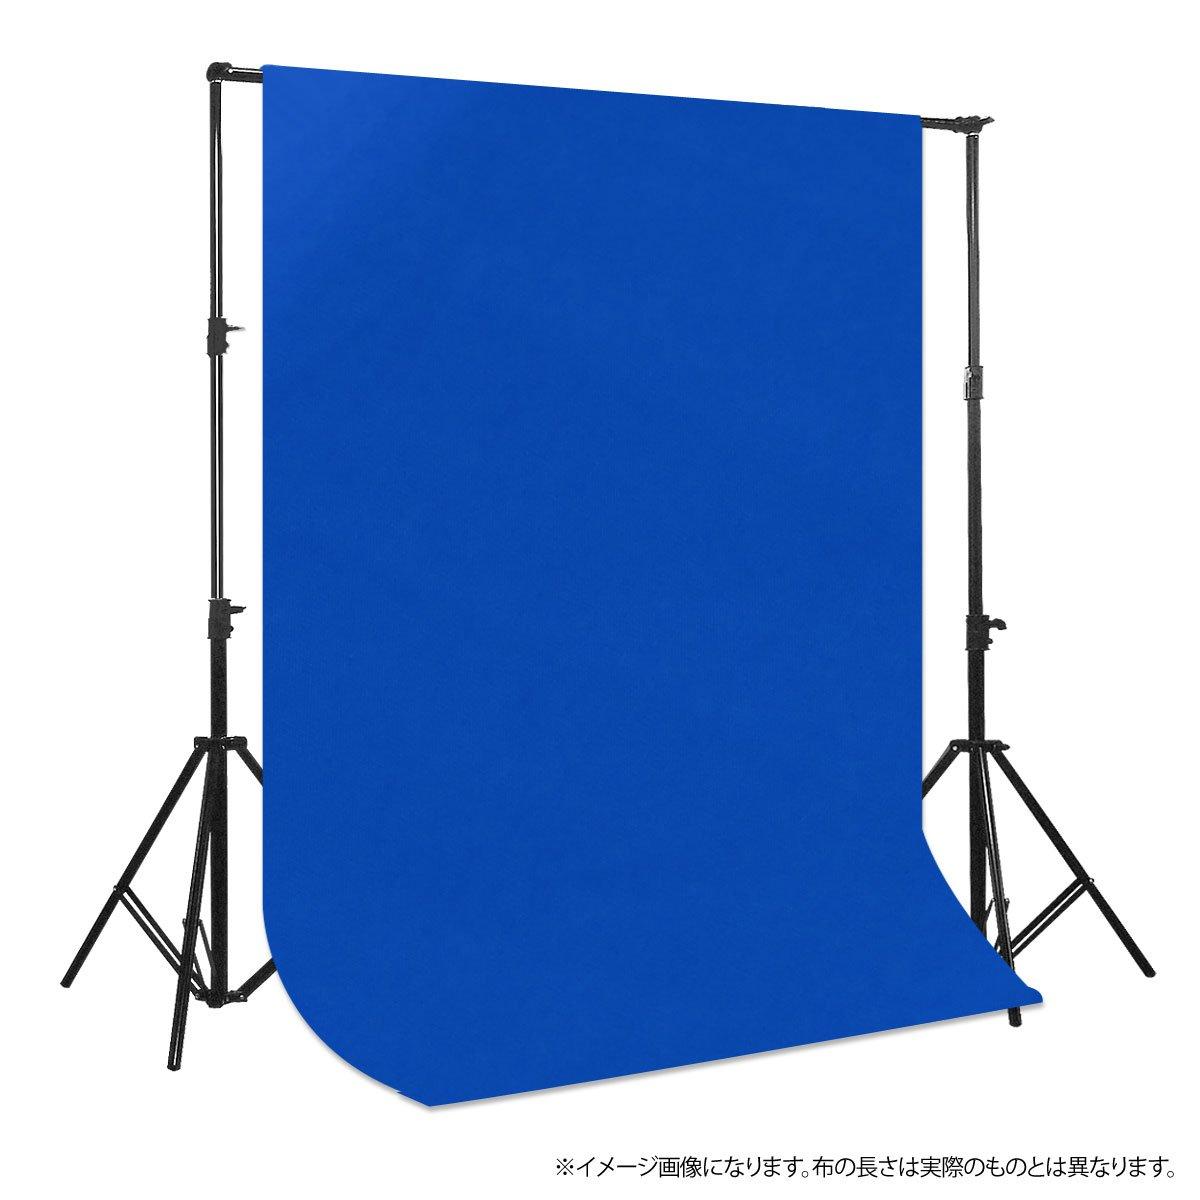 スタンド+ブルー布セット(3×6m) 撮影用スタンドST-1-L&背景布のセットだから届いてすぐに使える 背景スタンド バックグラウンドサポート クロマキー 三脚 コンパクト収納 人物撮影 モデル撮影 商品撮影 背景紙 撮影キット 簡易スタジオ コスプレ 横幅自由のポール 3×6m ブルー B00ME96LYO